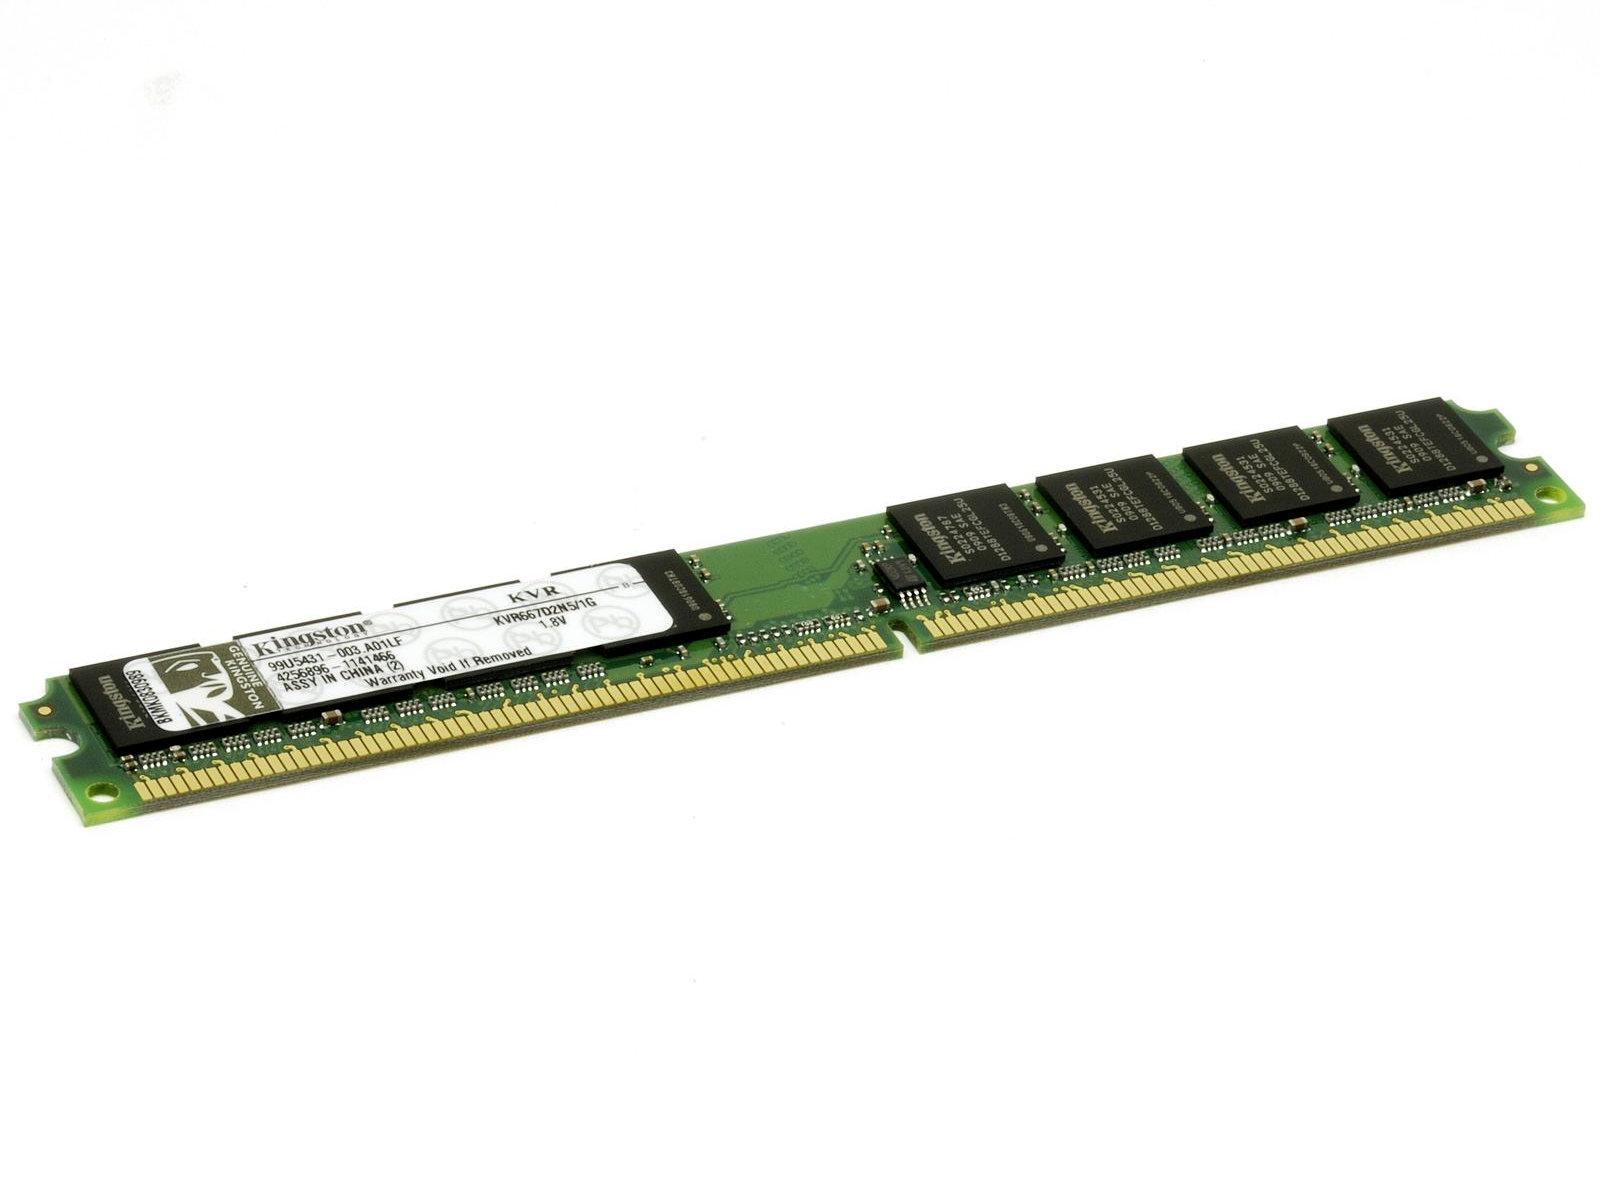 Память DDRII 1024Mb (pc-5300) 667MHz Kingston (Retail) (KVR667D2N5/1G)